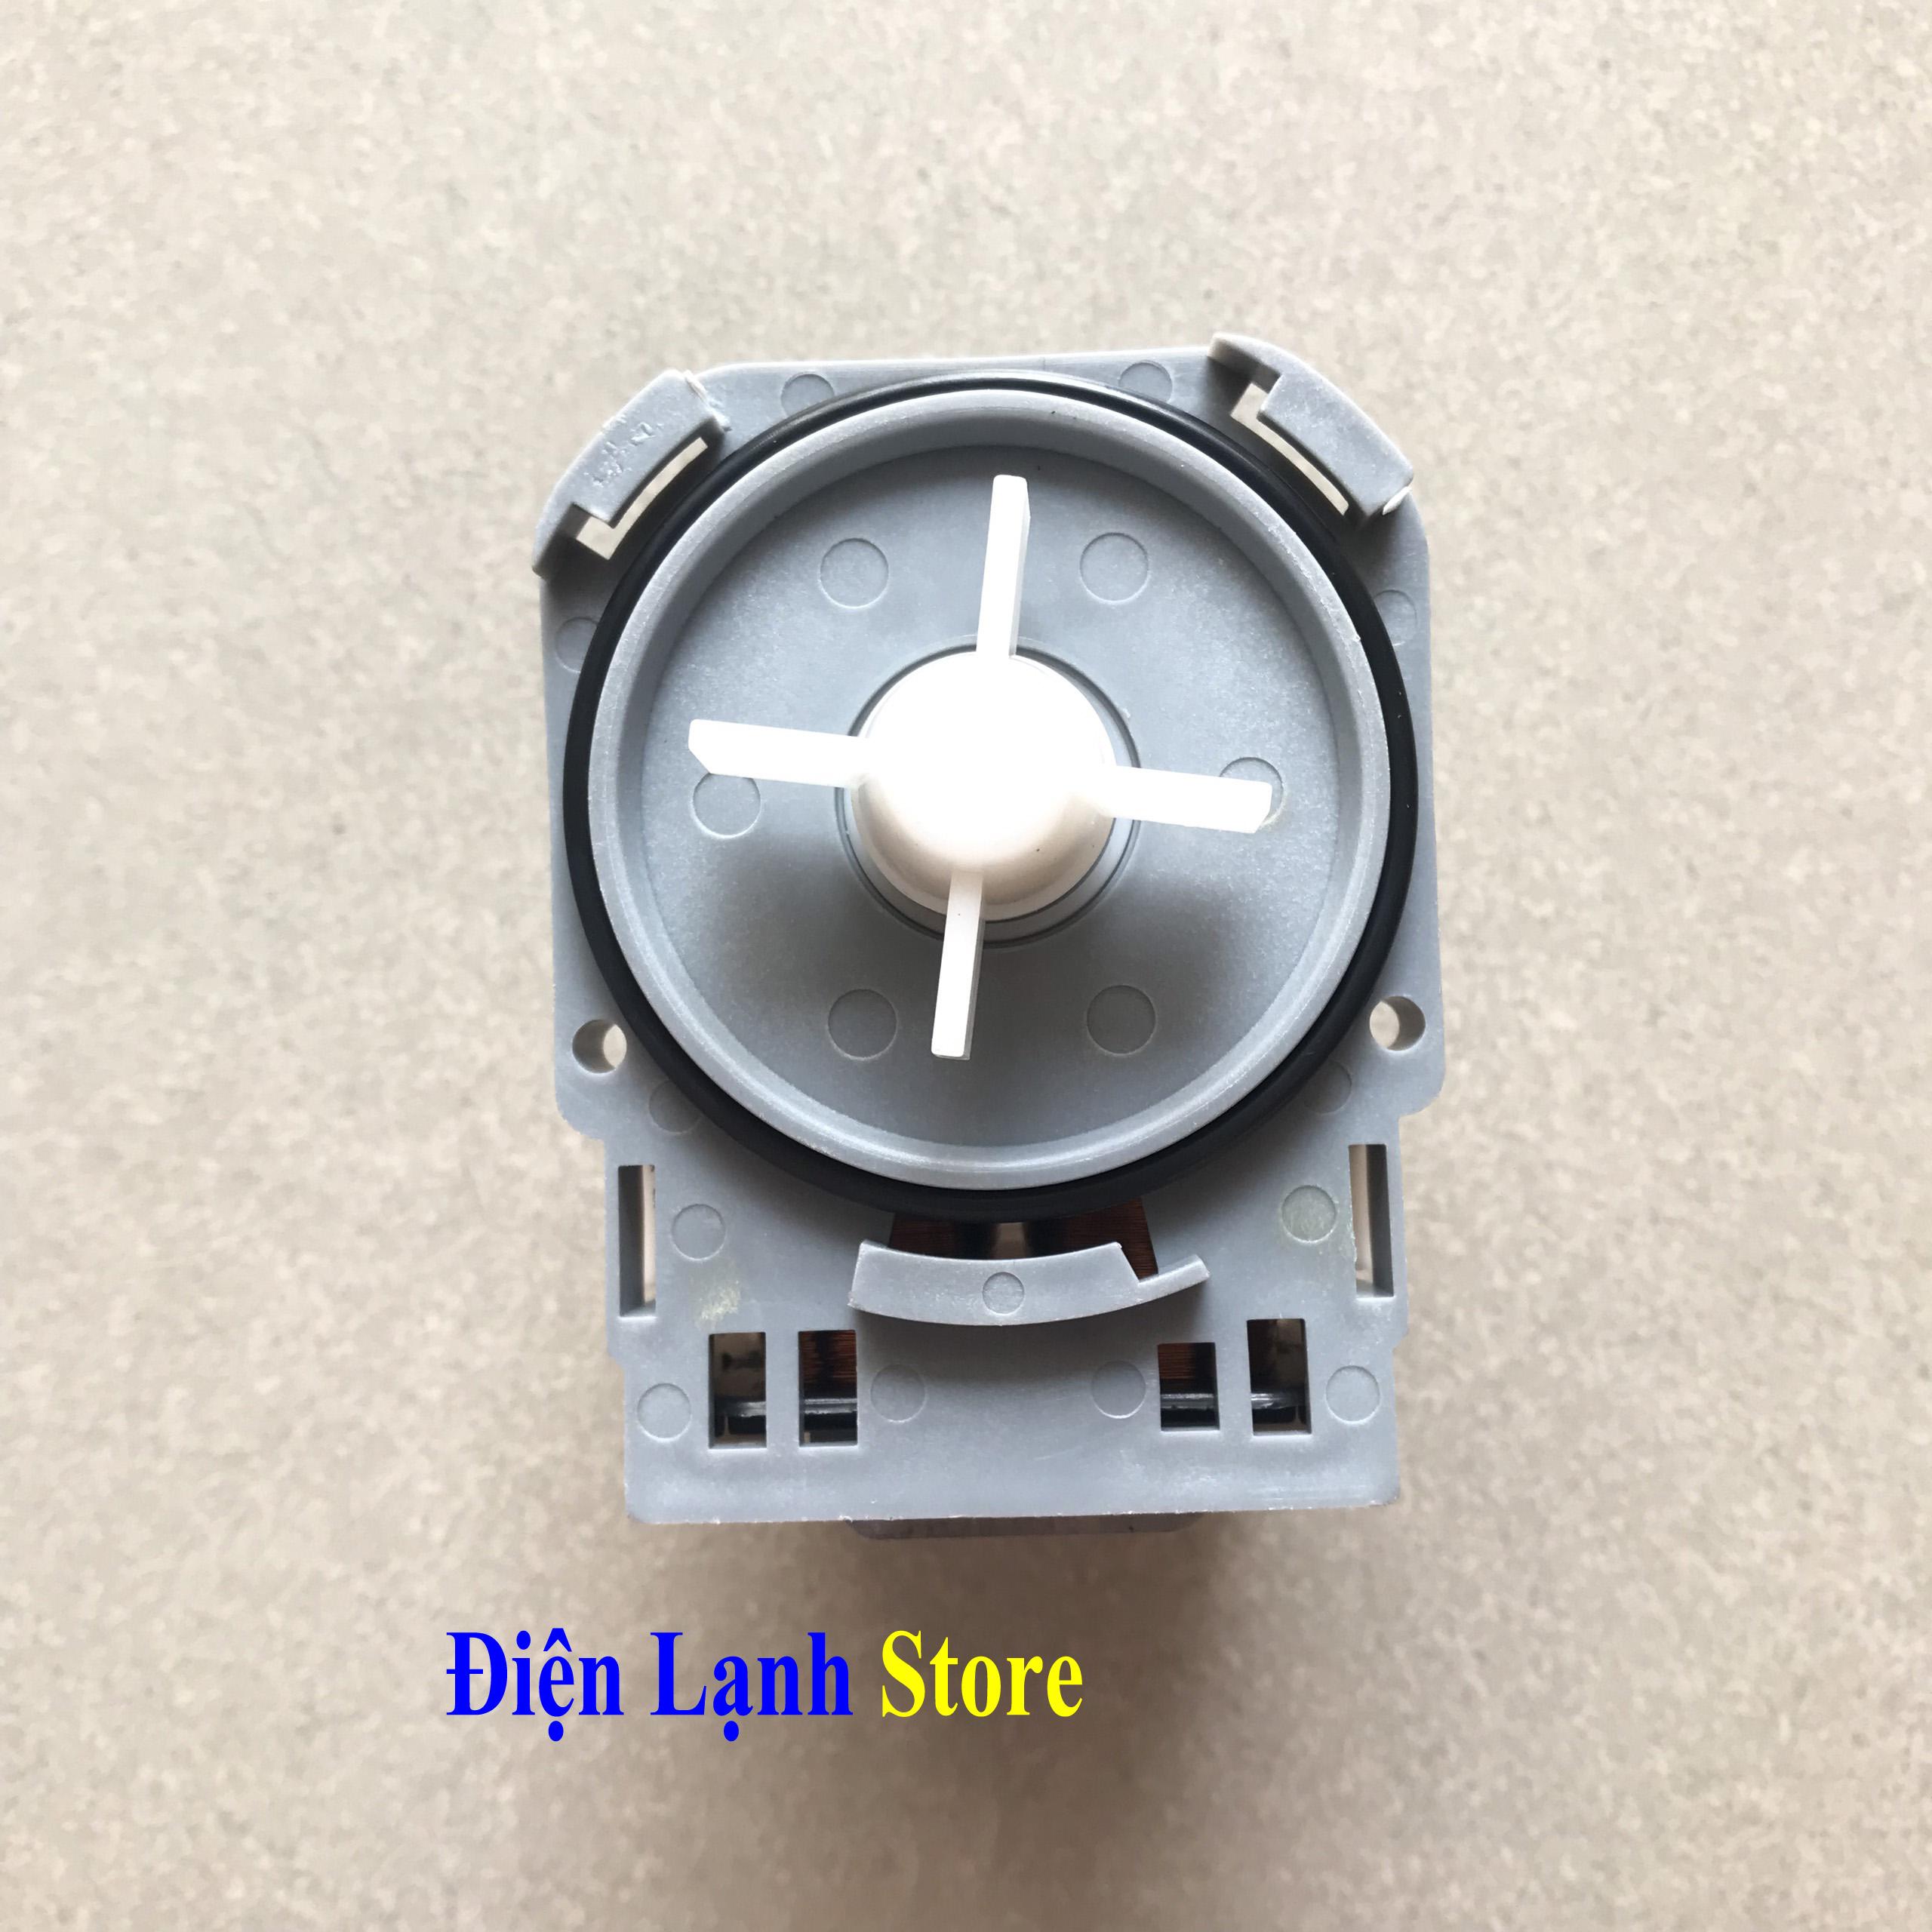 Bảng giá Bơm Xã Máy Giặt Cửa Ngang 3 Ngấn Cài 31303 Loại Tốt Điện máy Pico